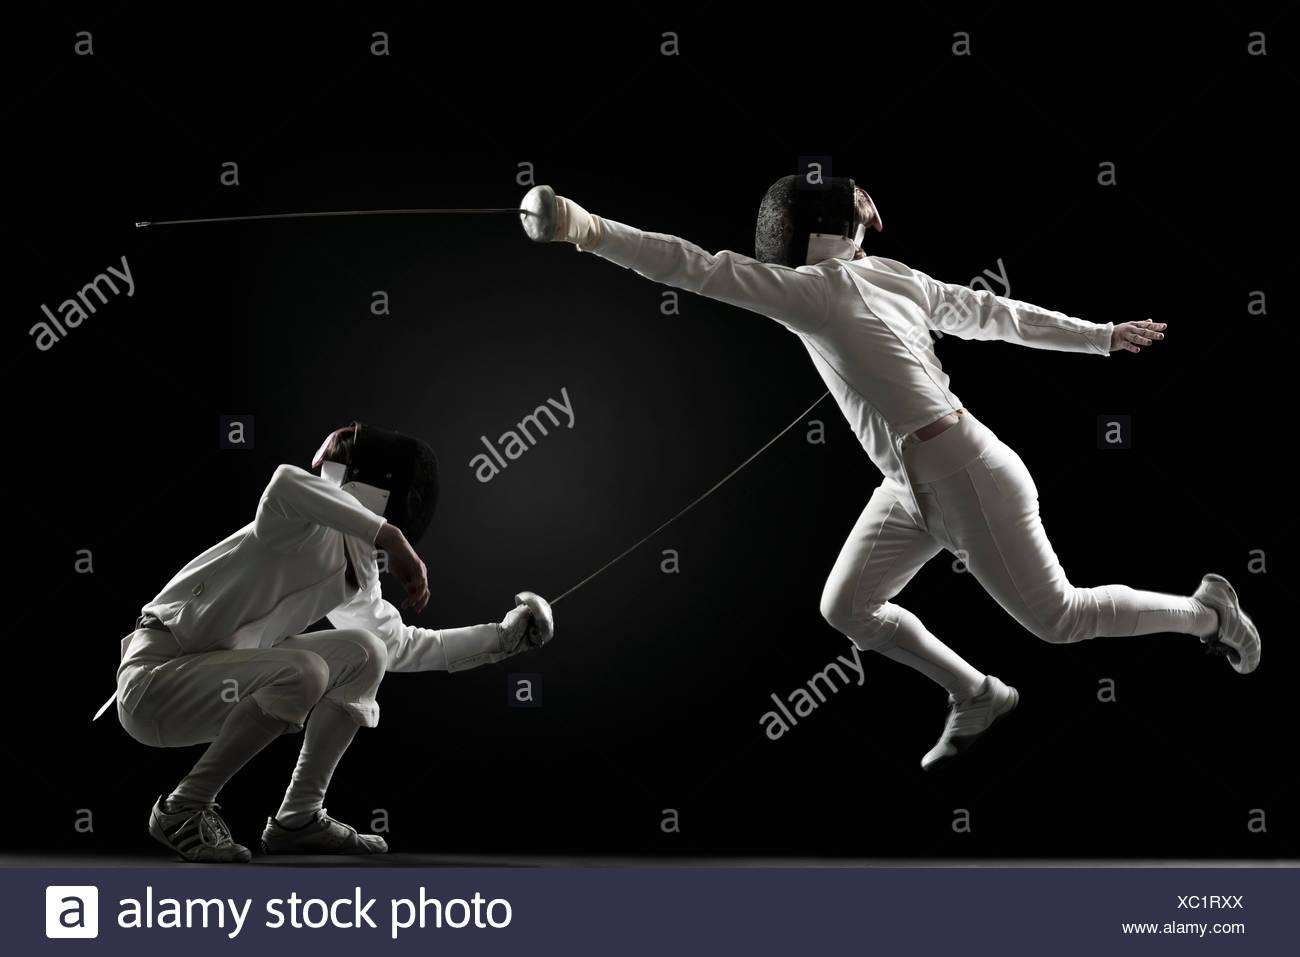 Schermidori scherma Immagini Stock